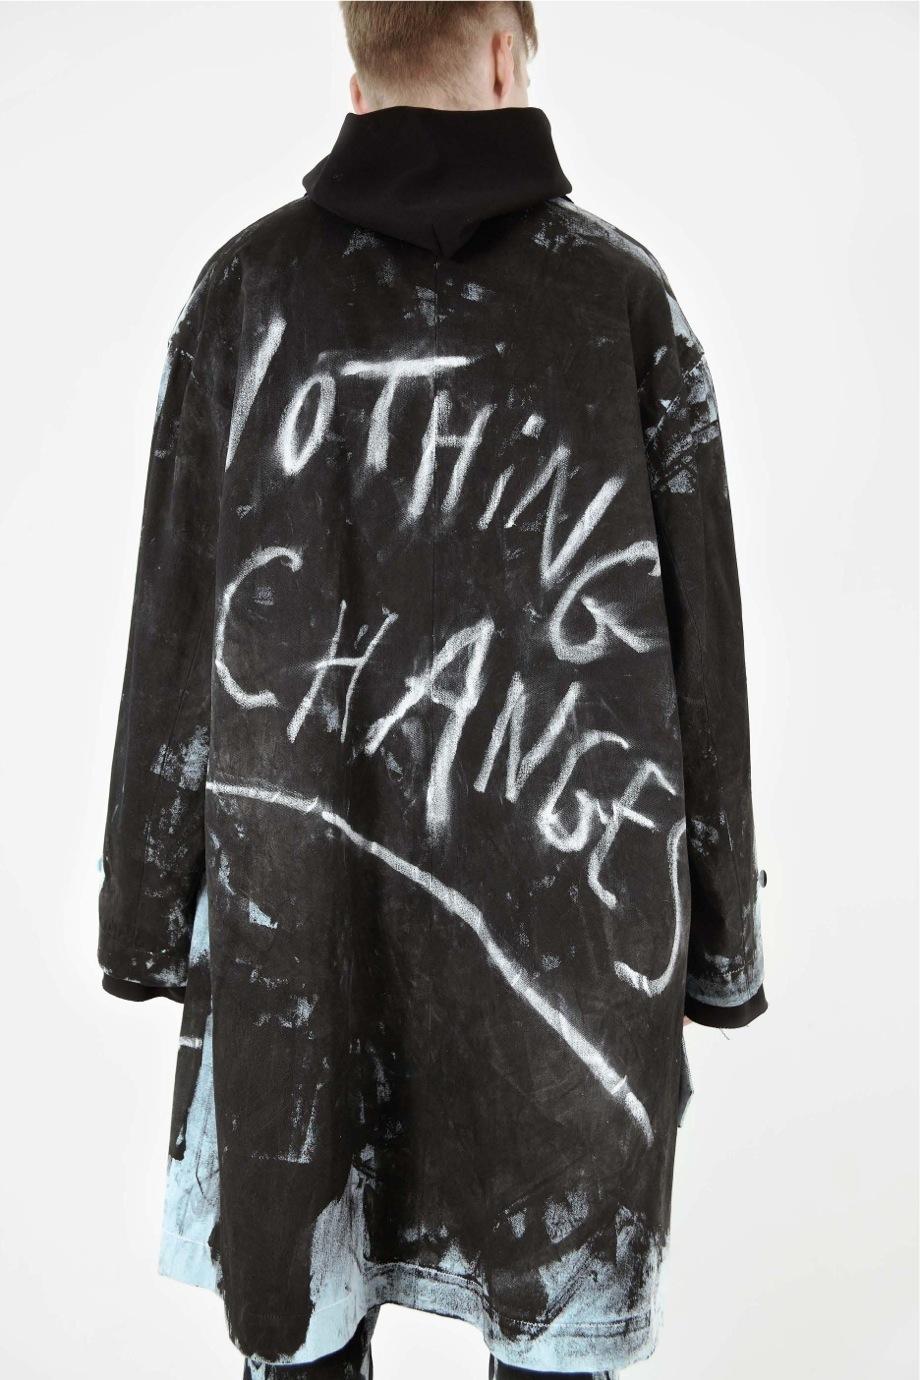 Stunning jacket by  Tigran Avetisyan